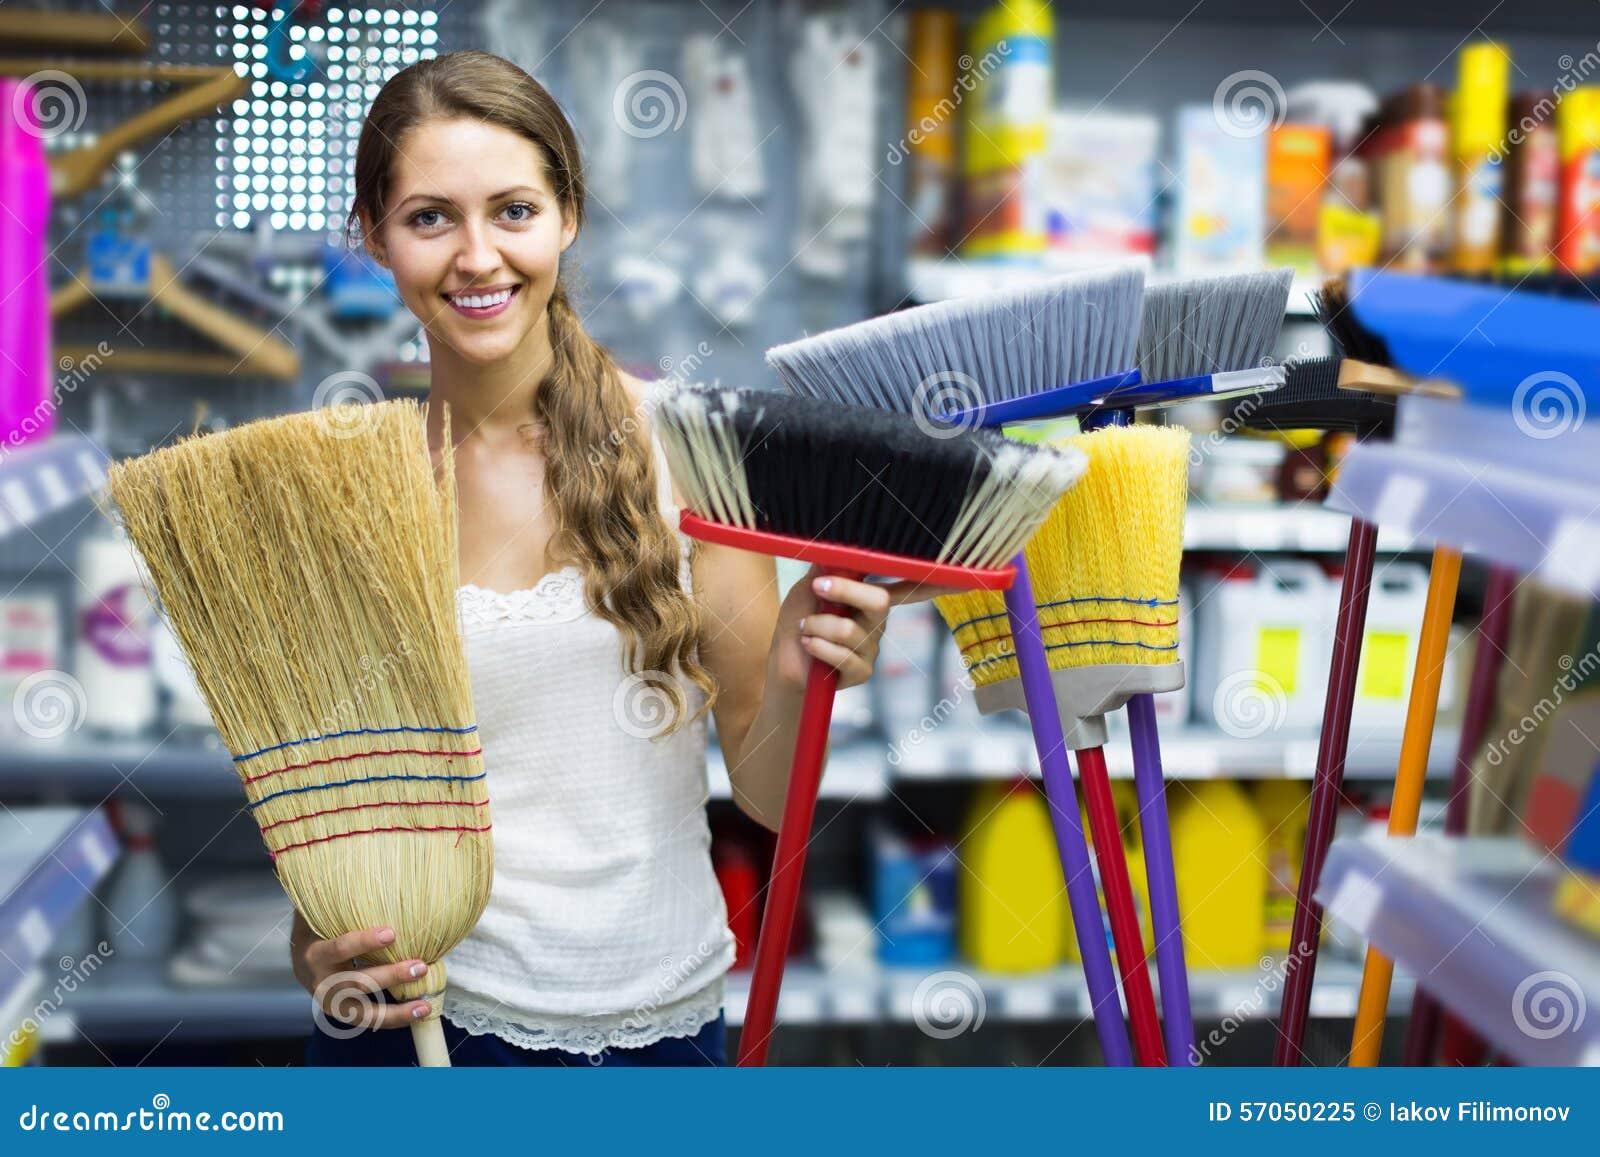 De huisvrouw kiest bezem voor het schoonmaken